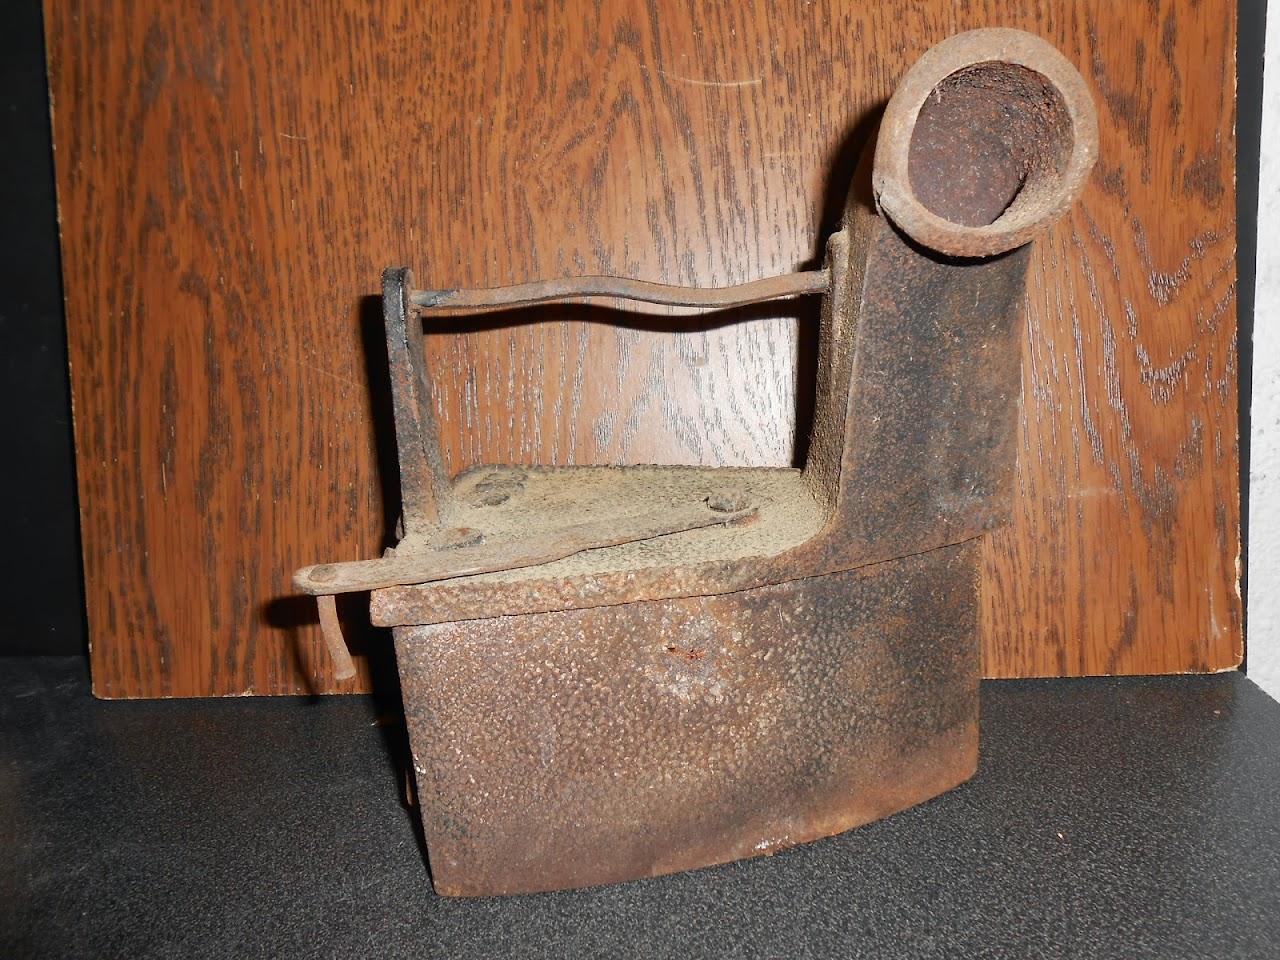 ancien fer a repasser 2 385 kilo collection metal objet. Black Bedroom Furniture Sets. Home Design Ideas